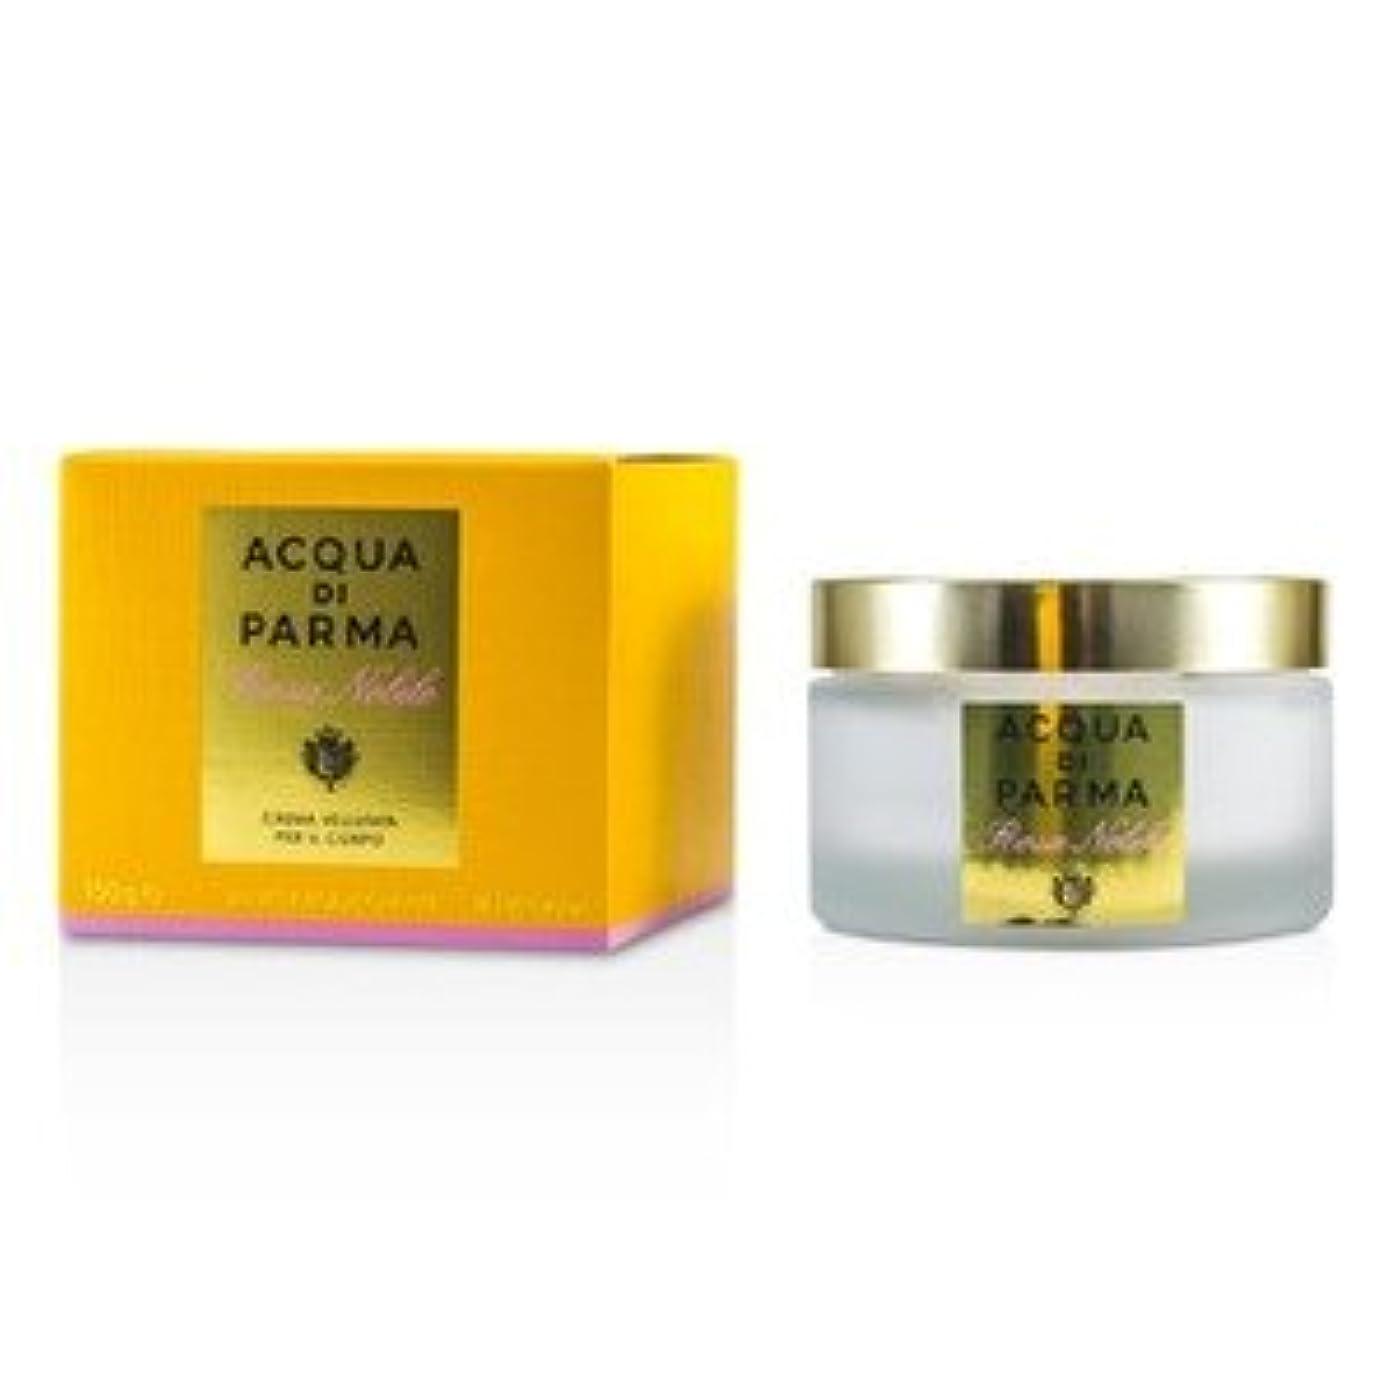 アクア ディ パルマ[Acqua Di Parma] ローズ ノービレ ベルベット ボディクリーム 150ml/5.25oz [並行輸入品]